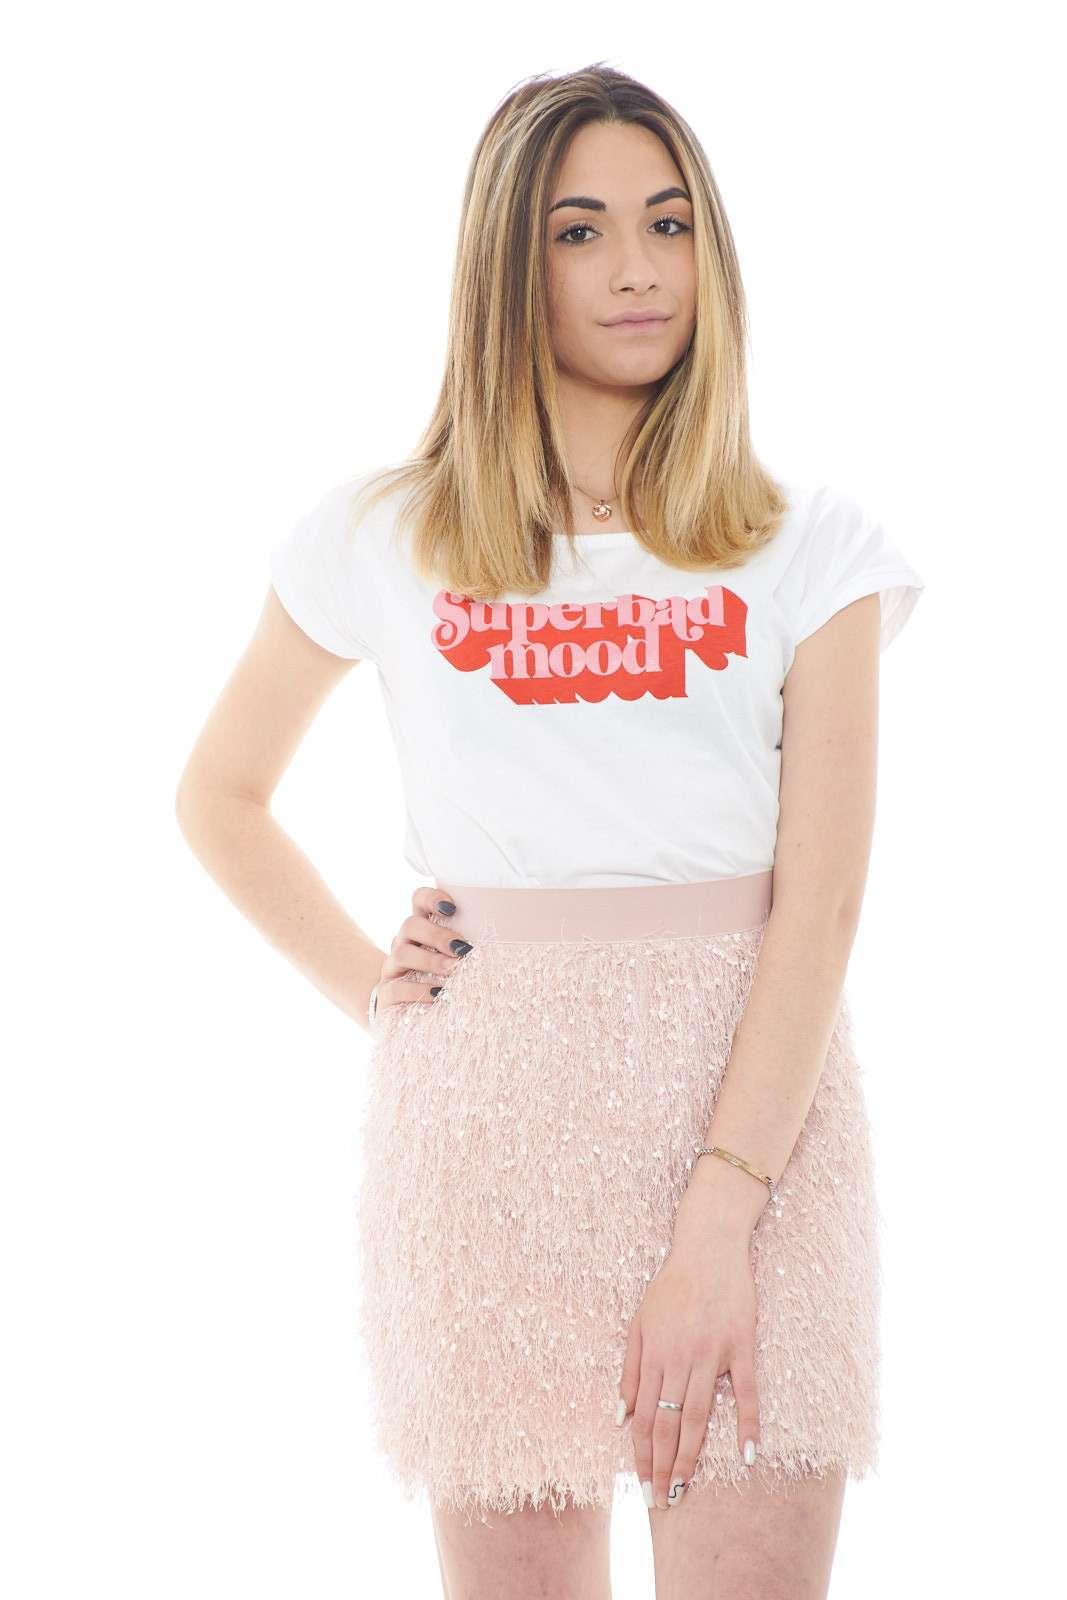 Una T shirt basic per i look più quotidiani quella proposta dalla collection Dixie. Il jersey di cotone dalla linea minimal è caratterizzato dalla colorata stampa sul davanti per renderla pratica e veloce. Un essential.